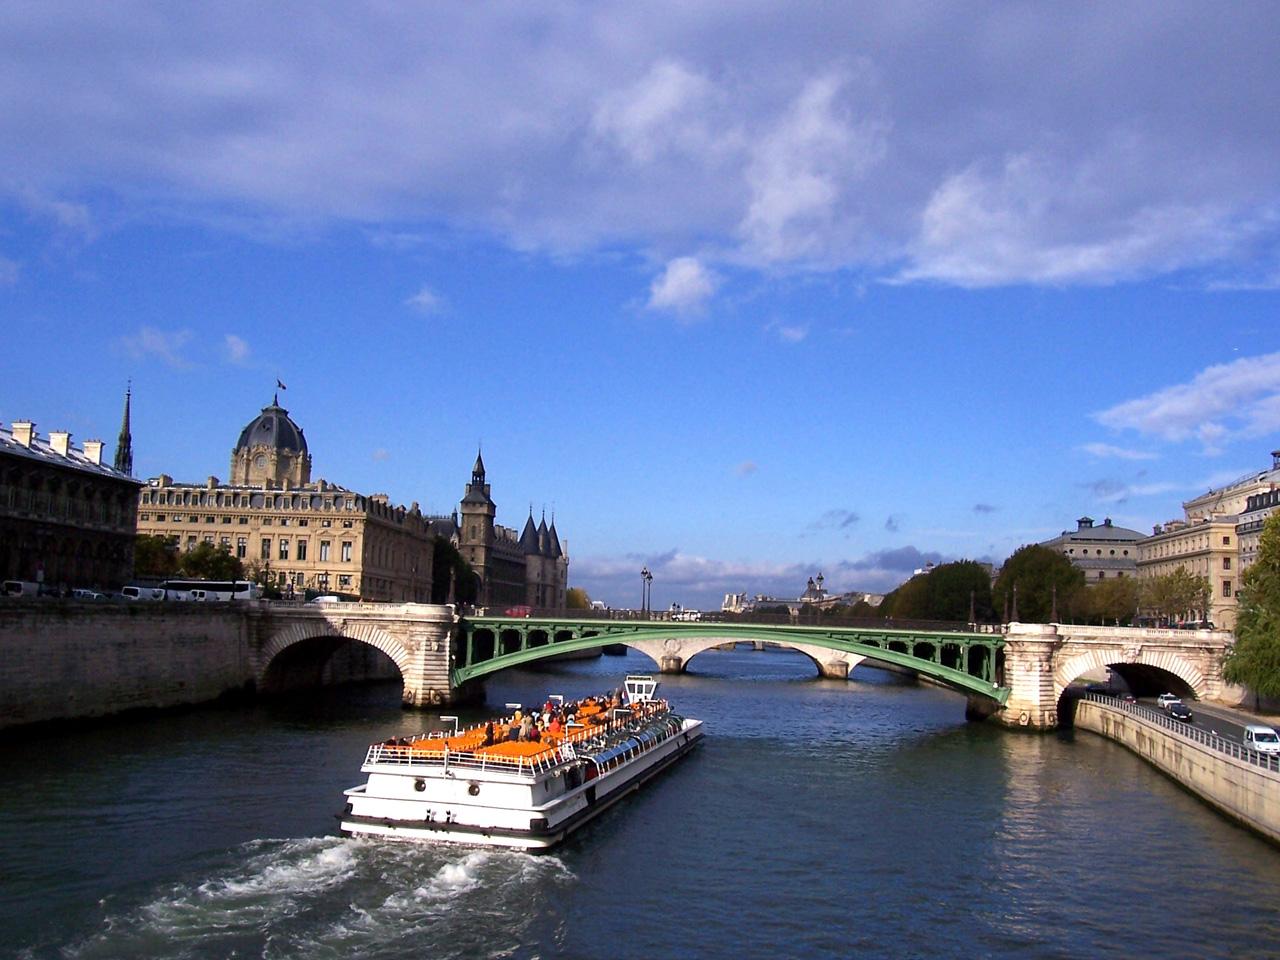 Фотографии столицы Франции Парижа